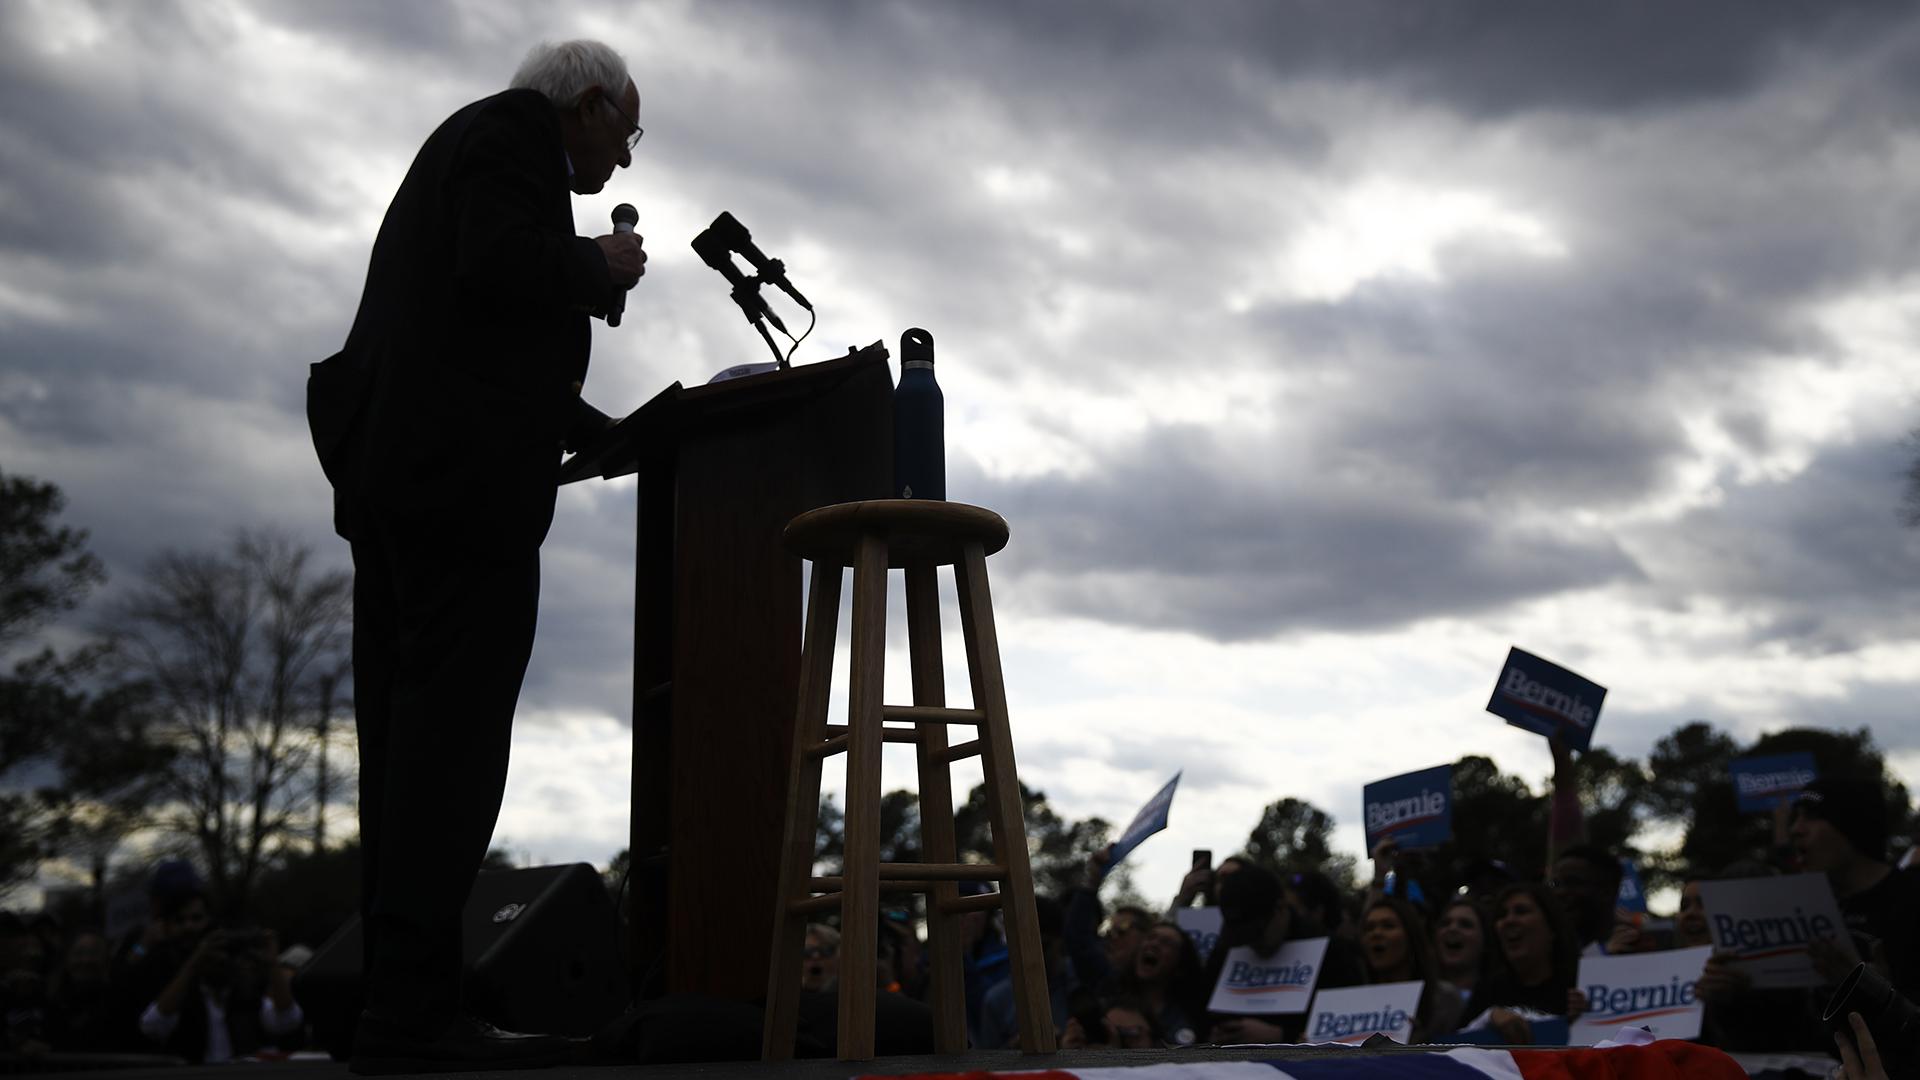 El mensaje de Bernie Sanders al abandonar la carrera presidencial